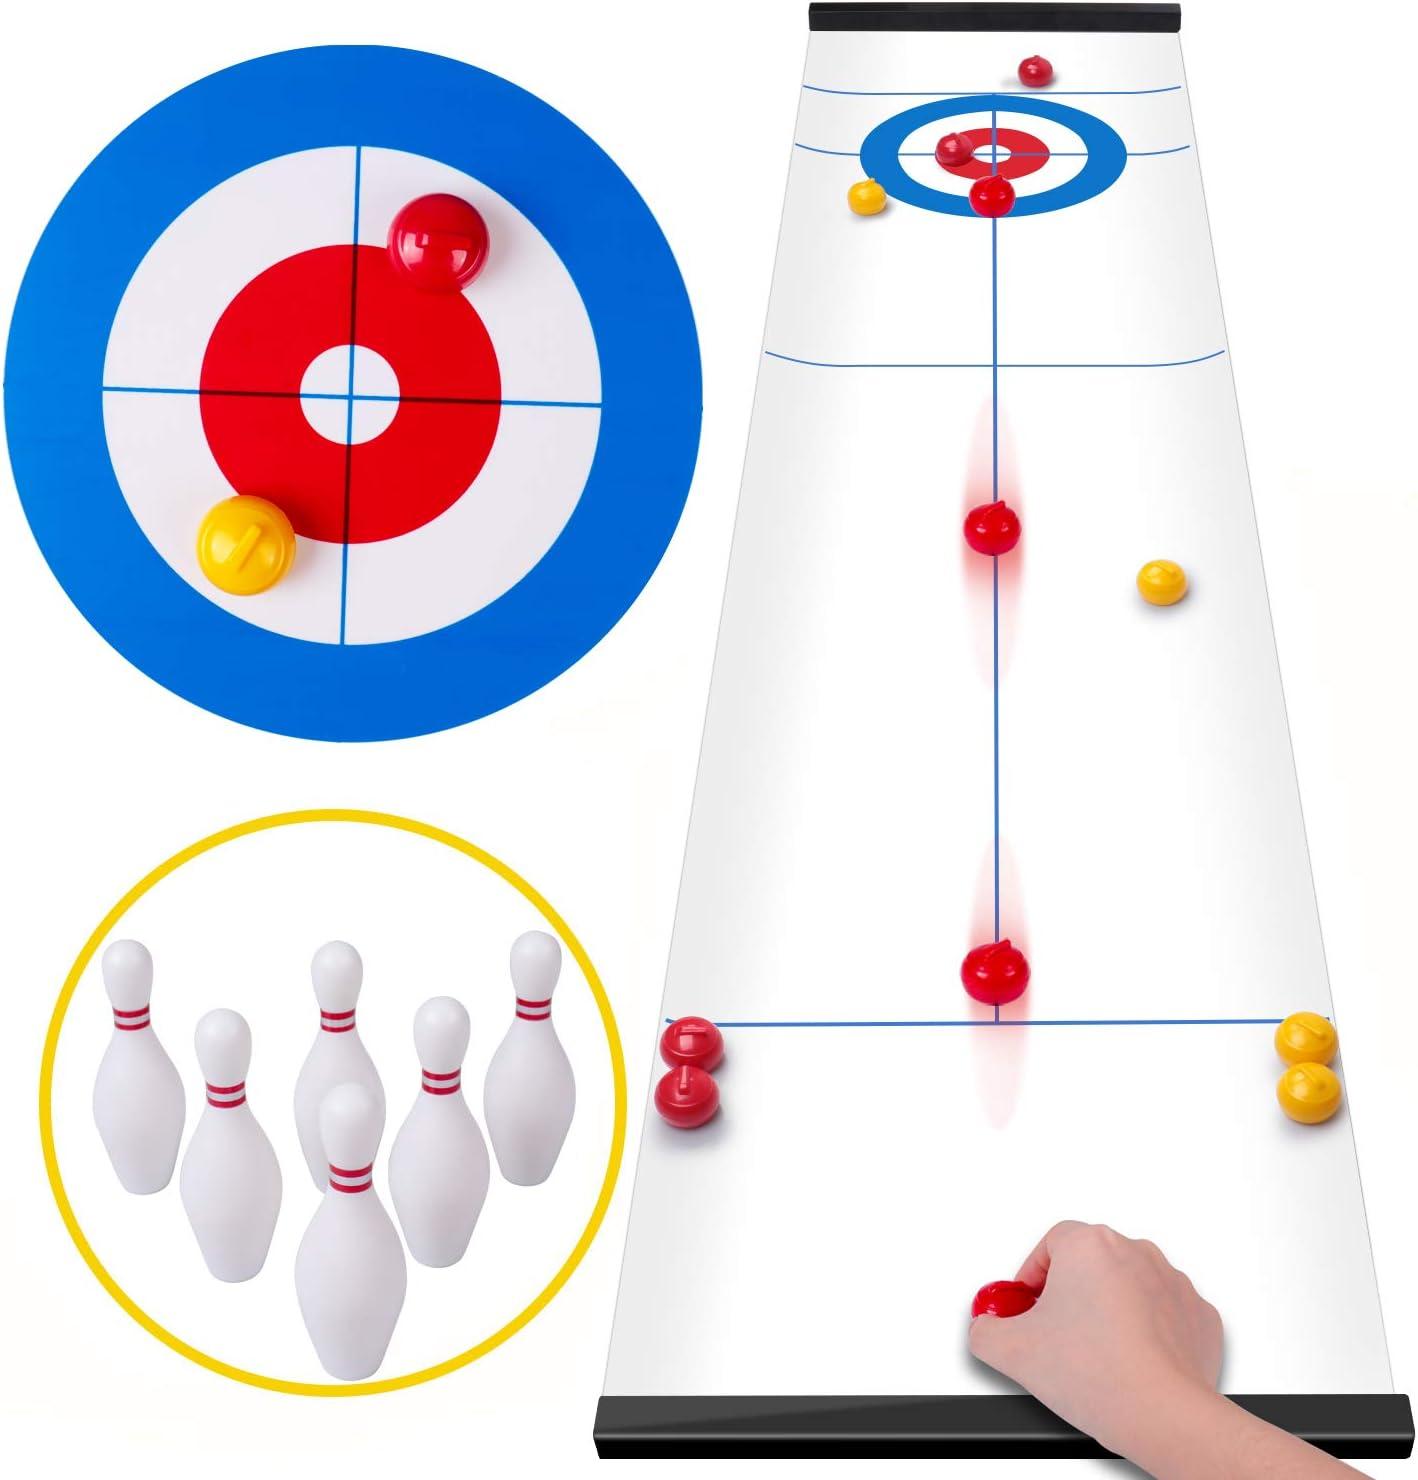 Rolimate Curling Juego Shuffleboard Juegos Familiares para niños y Adultos, Juegos de Mesa con 8 Rodillos 6 Bolos, Regalos de cumpleaños para 3 4 5+ Juegos de Viaje para niños Almacenamiento Compacto: